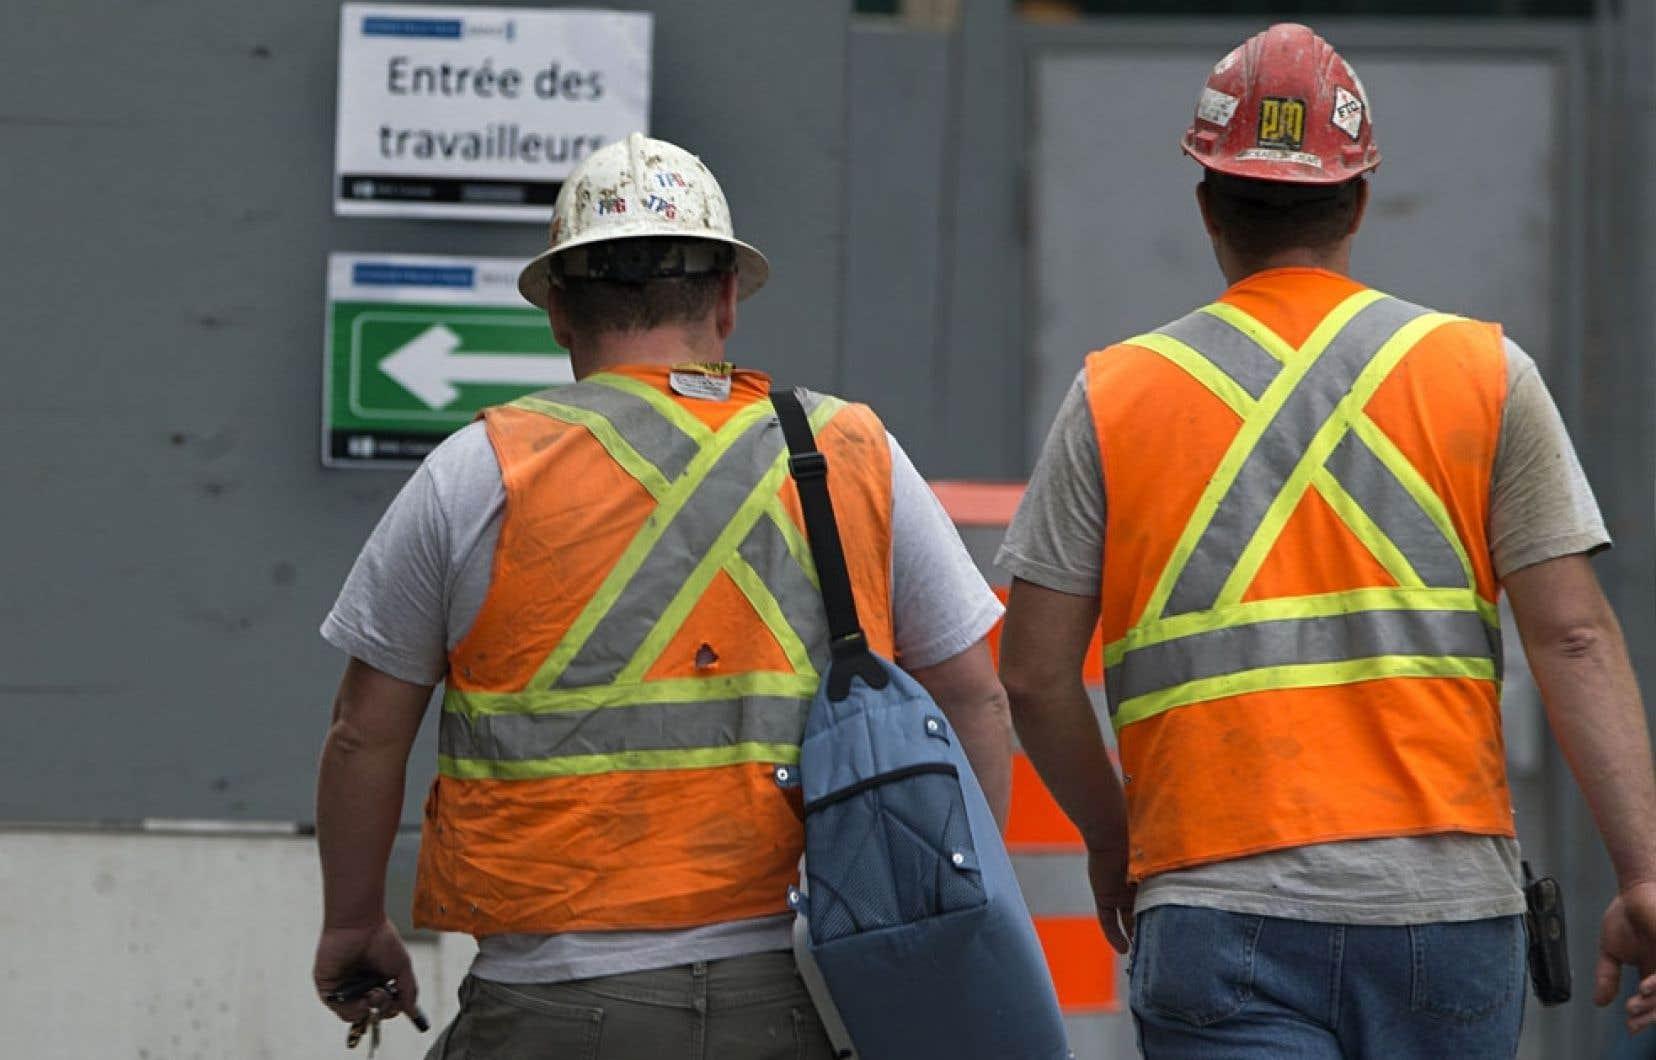 Les syndicats œuvrant dans le secteur de la construction estime que la Commission de la construction du Québec ne fait pas son travail adéquatement pour enrayer le travail au noir dans cette industrie.